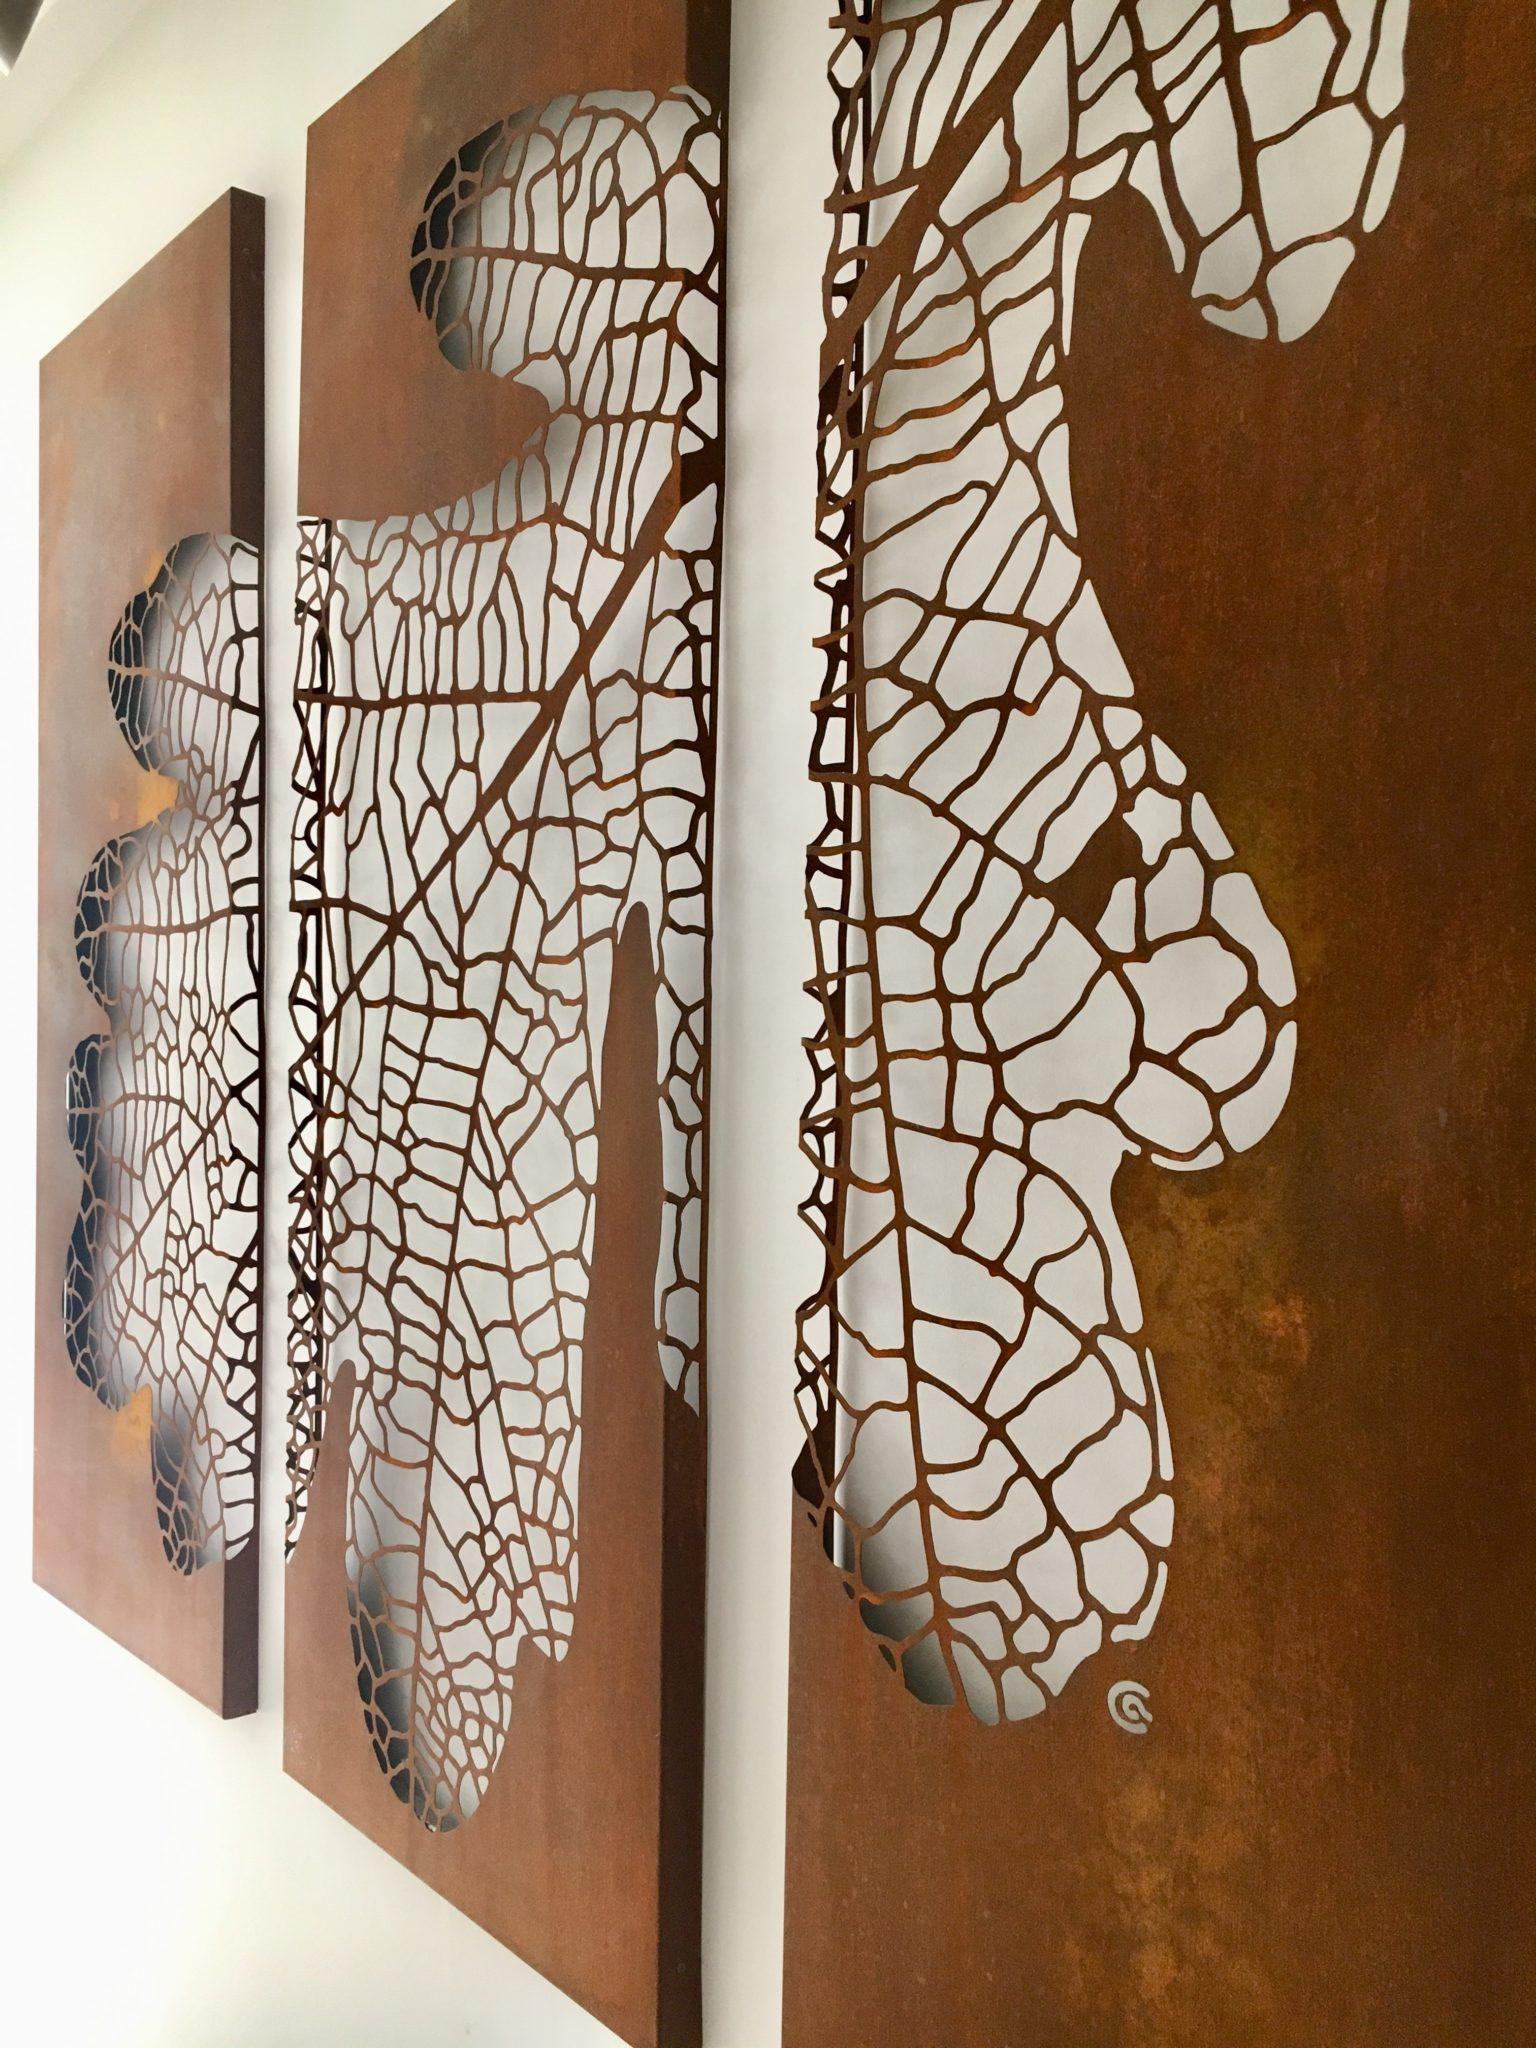 Obraz-metalowy-na-ścianę-liść-dębu_14